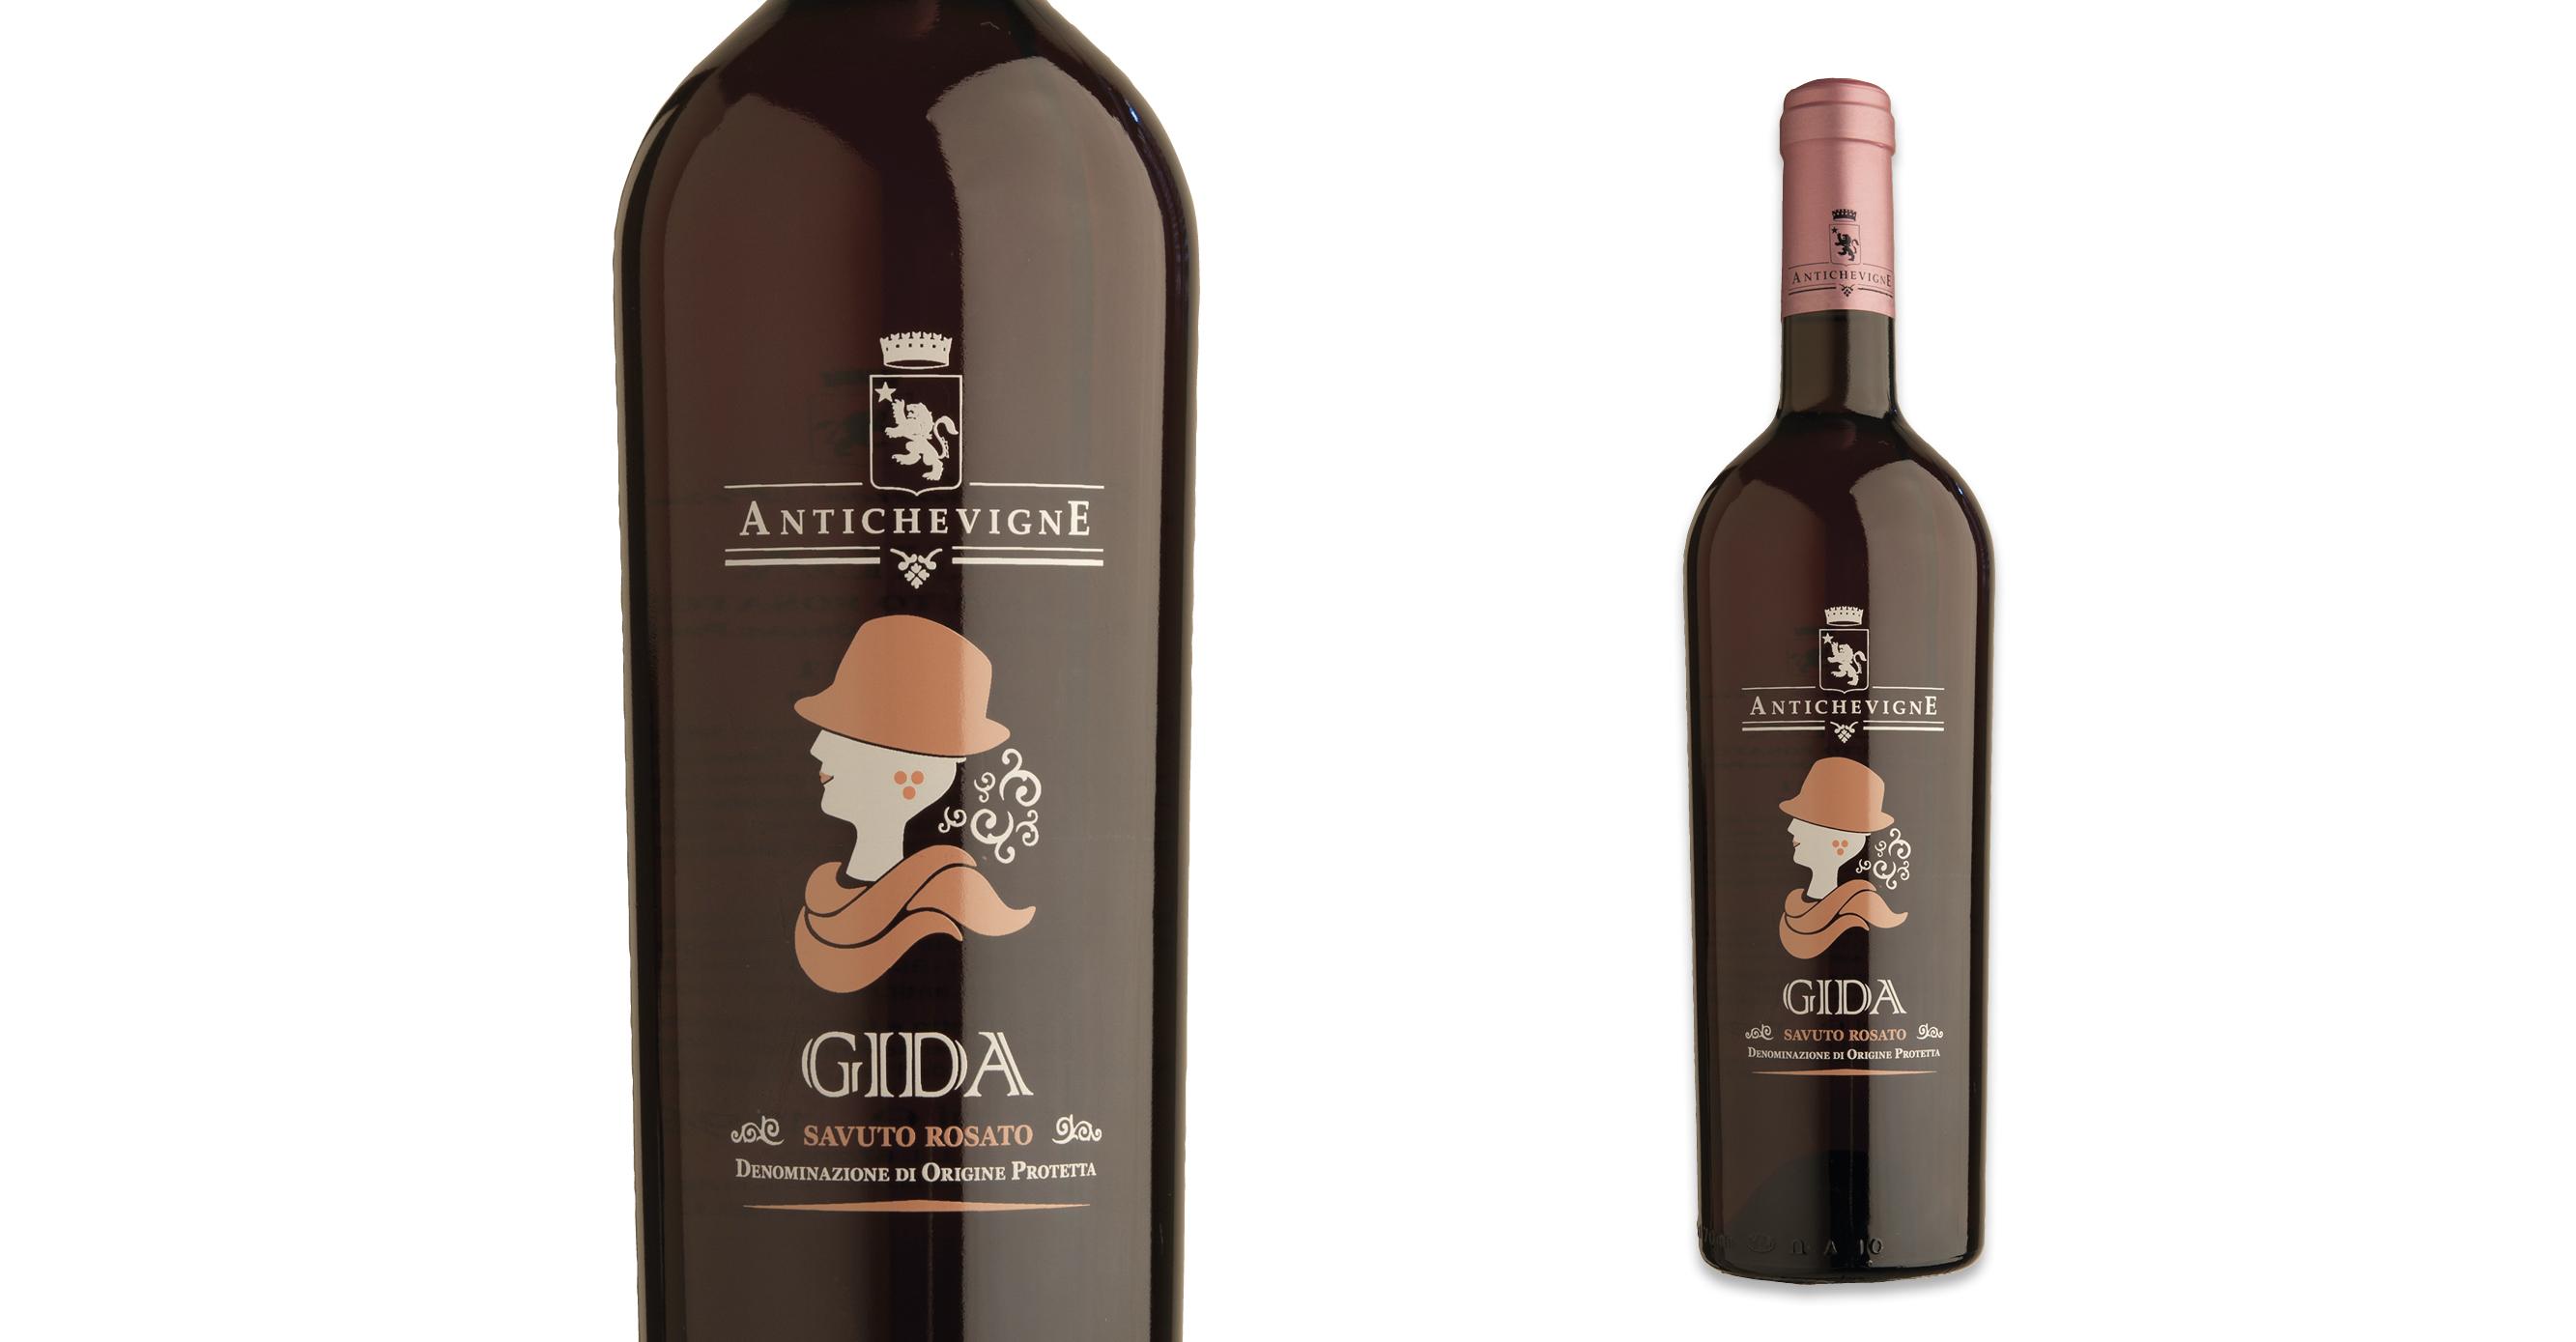 Gida etichetta vino